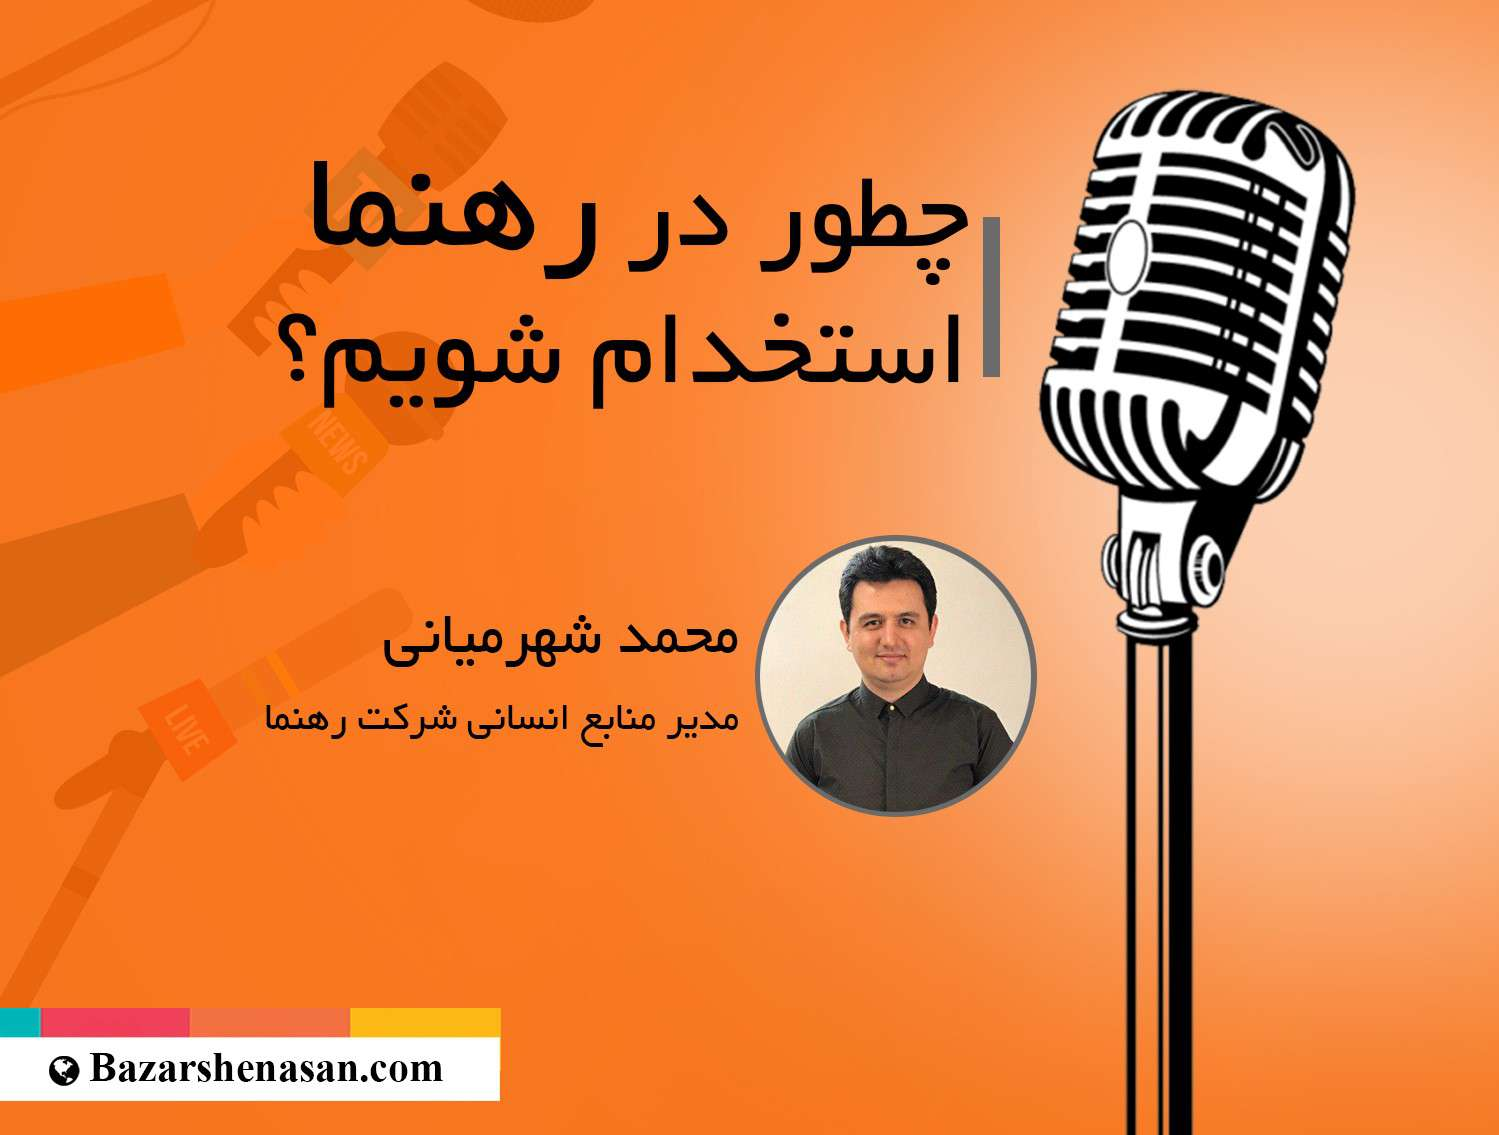 چطور در رهنما استخدام شویم؟ مصاحبه با محمد شهرمیانی مدیر منابع انسانی شرکت رهنما